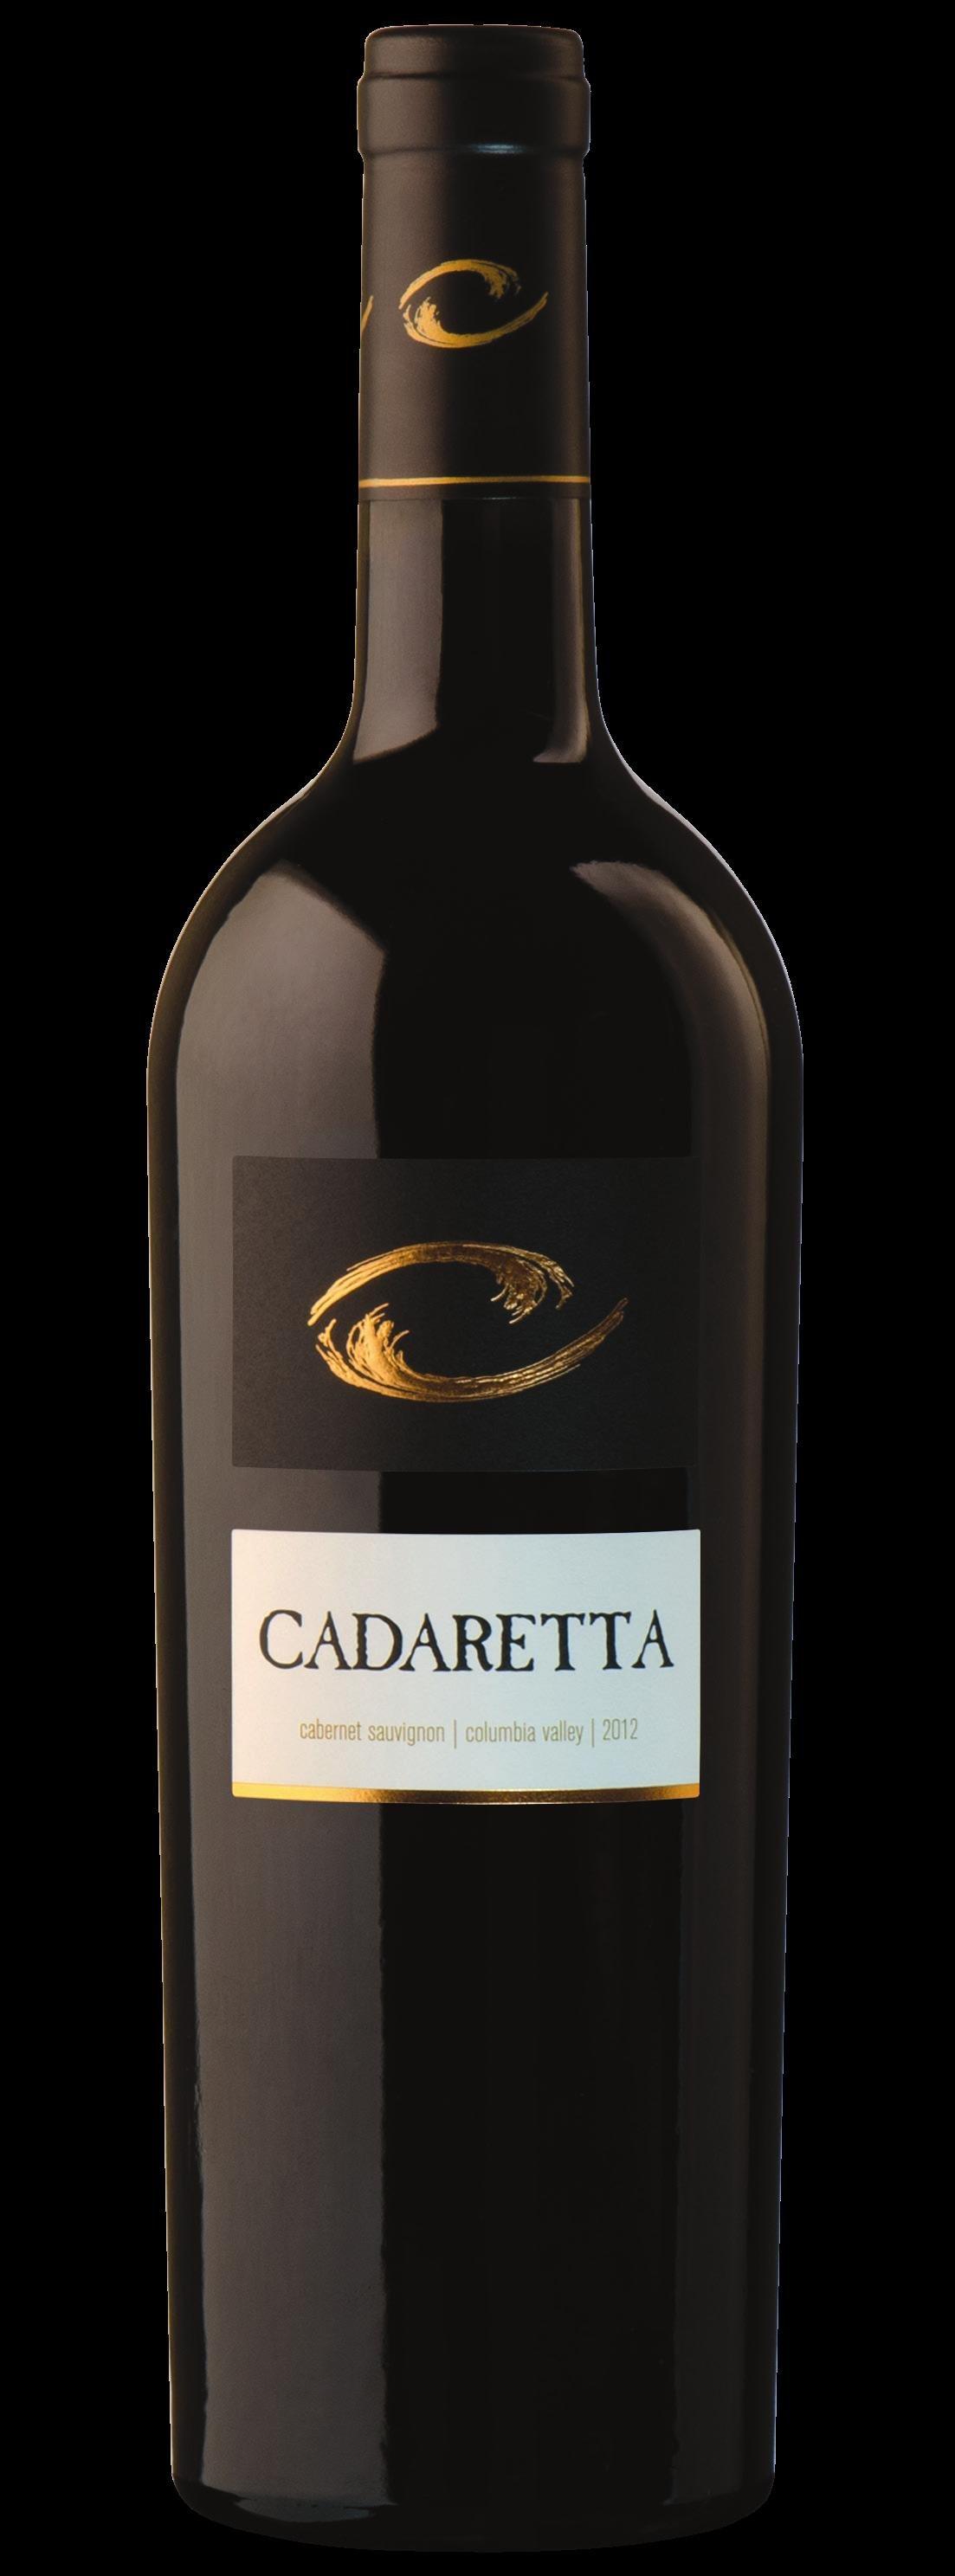 Cadaretta Cabernet Sauvignon